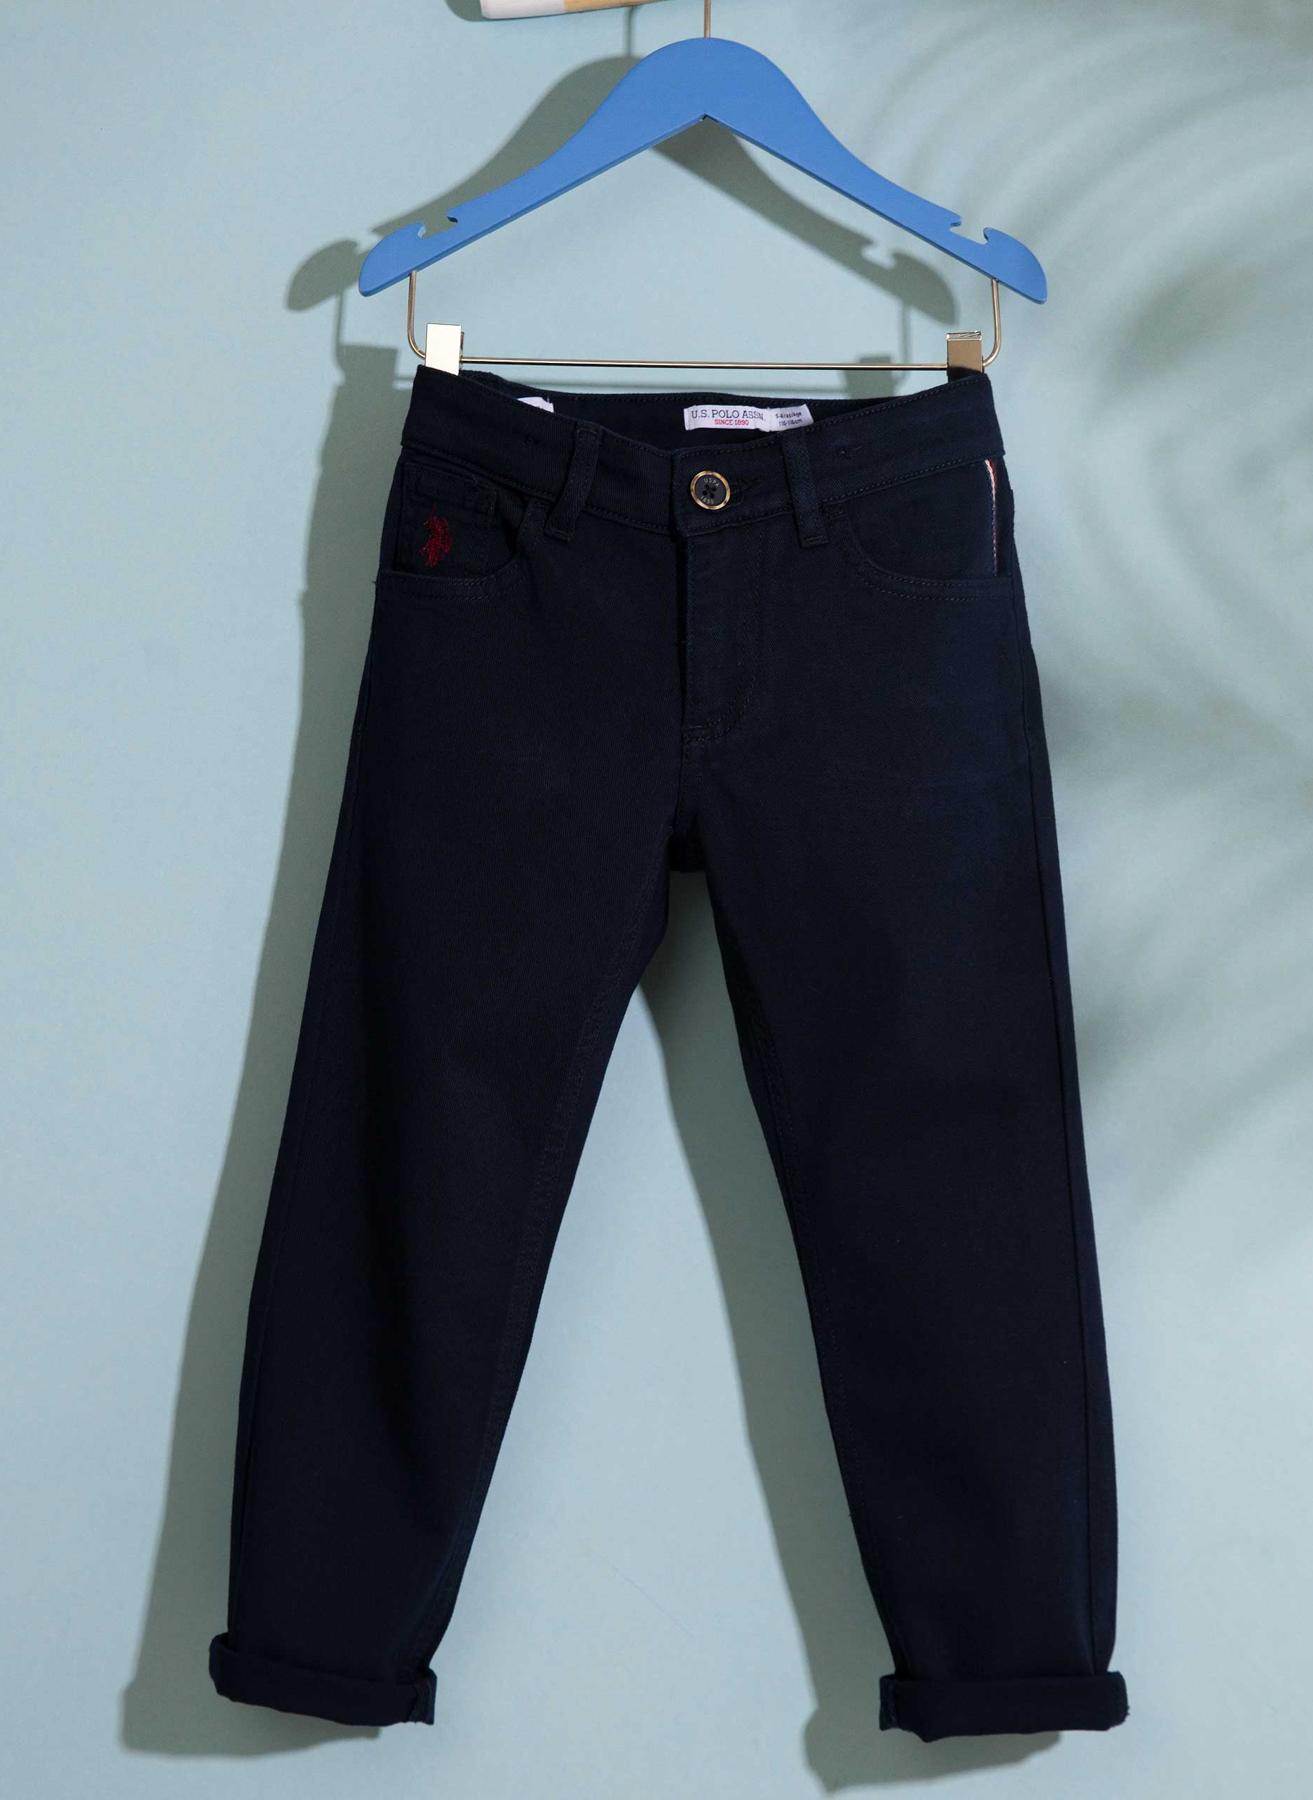 U.S. Polo Assn. Pantolon 11 Yaş 5001704573002 Ürün Resmi